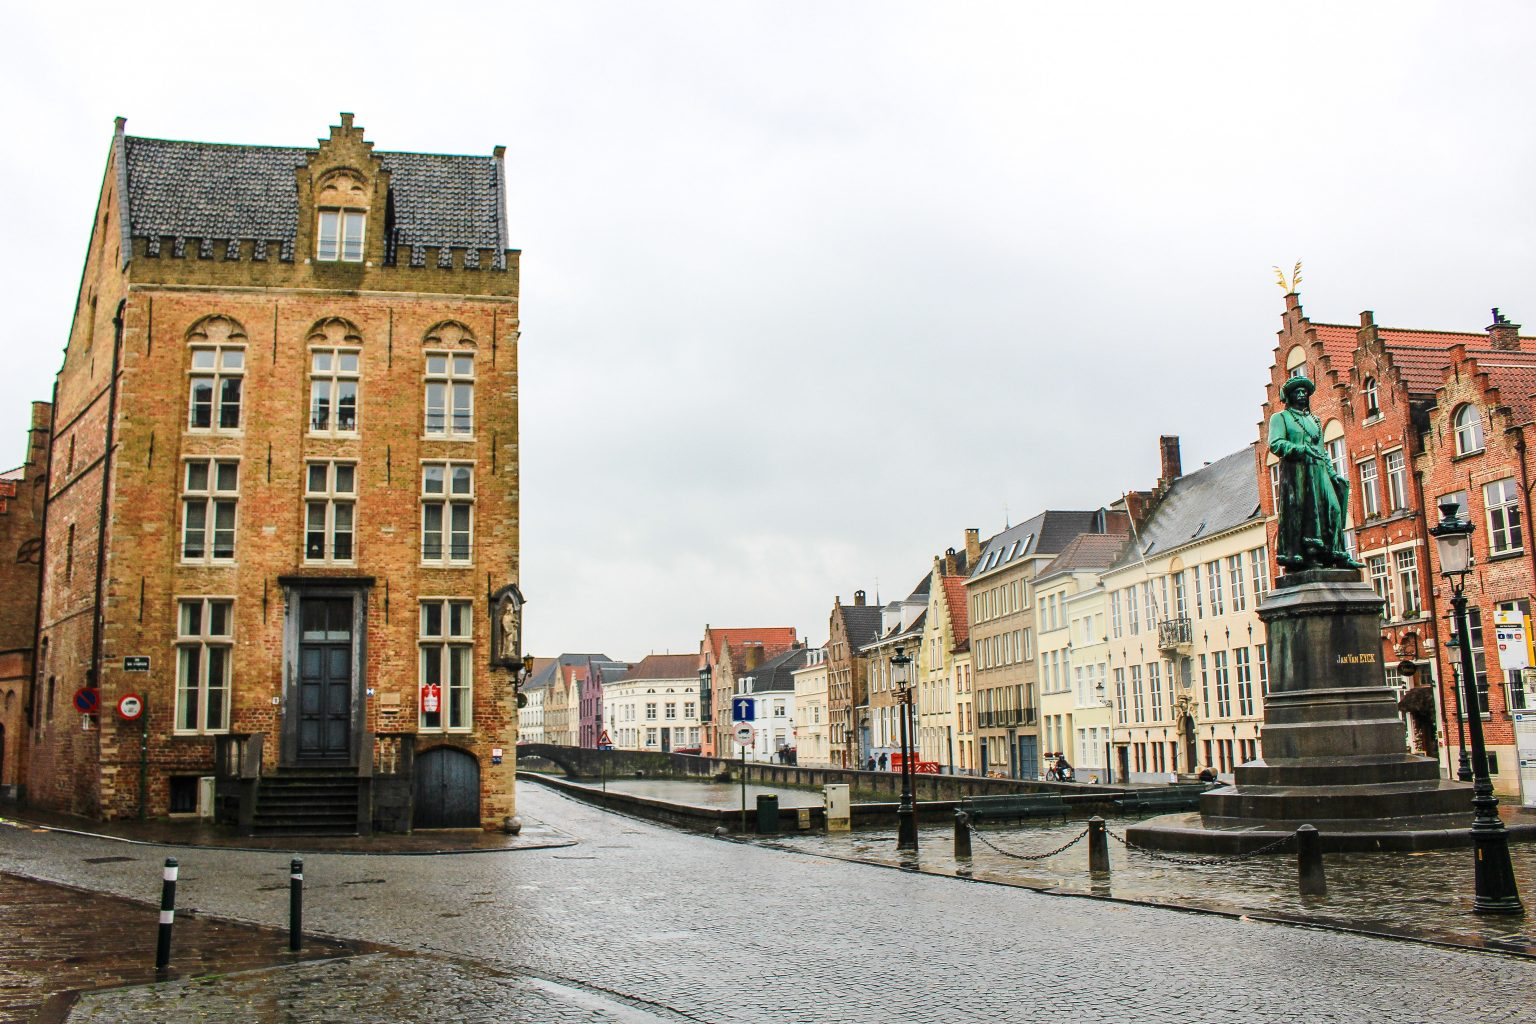 Bruges Belgium Jan van Eyckplein: Het voormalige hanzekwartier, bruges walking tour, brugge city tour